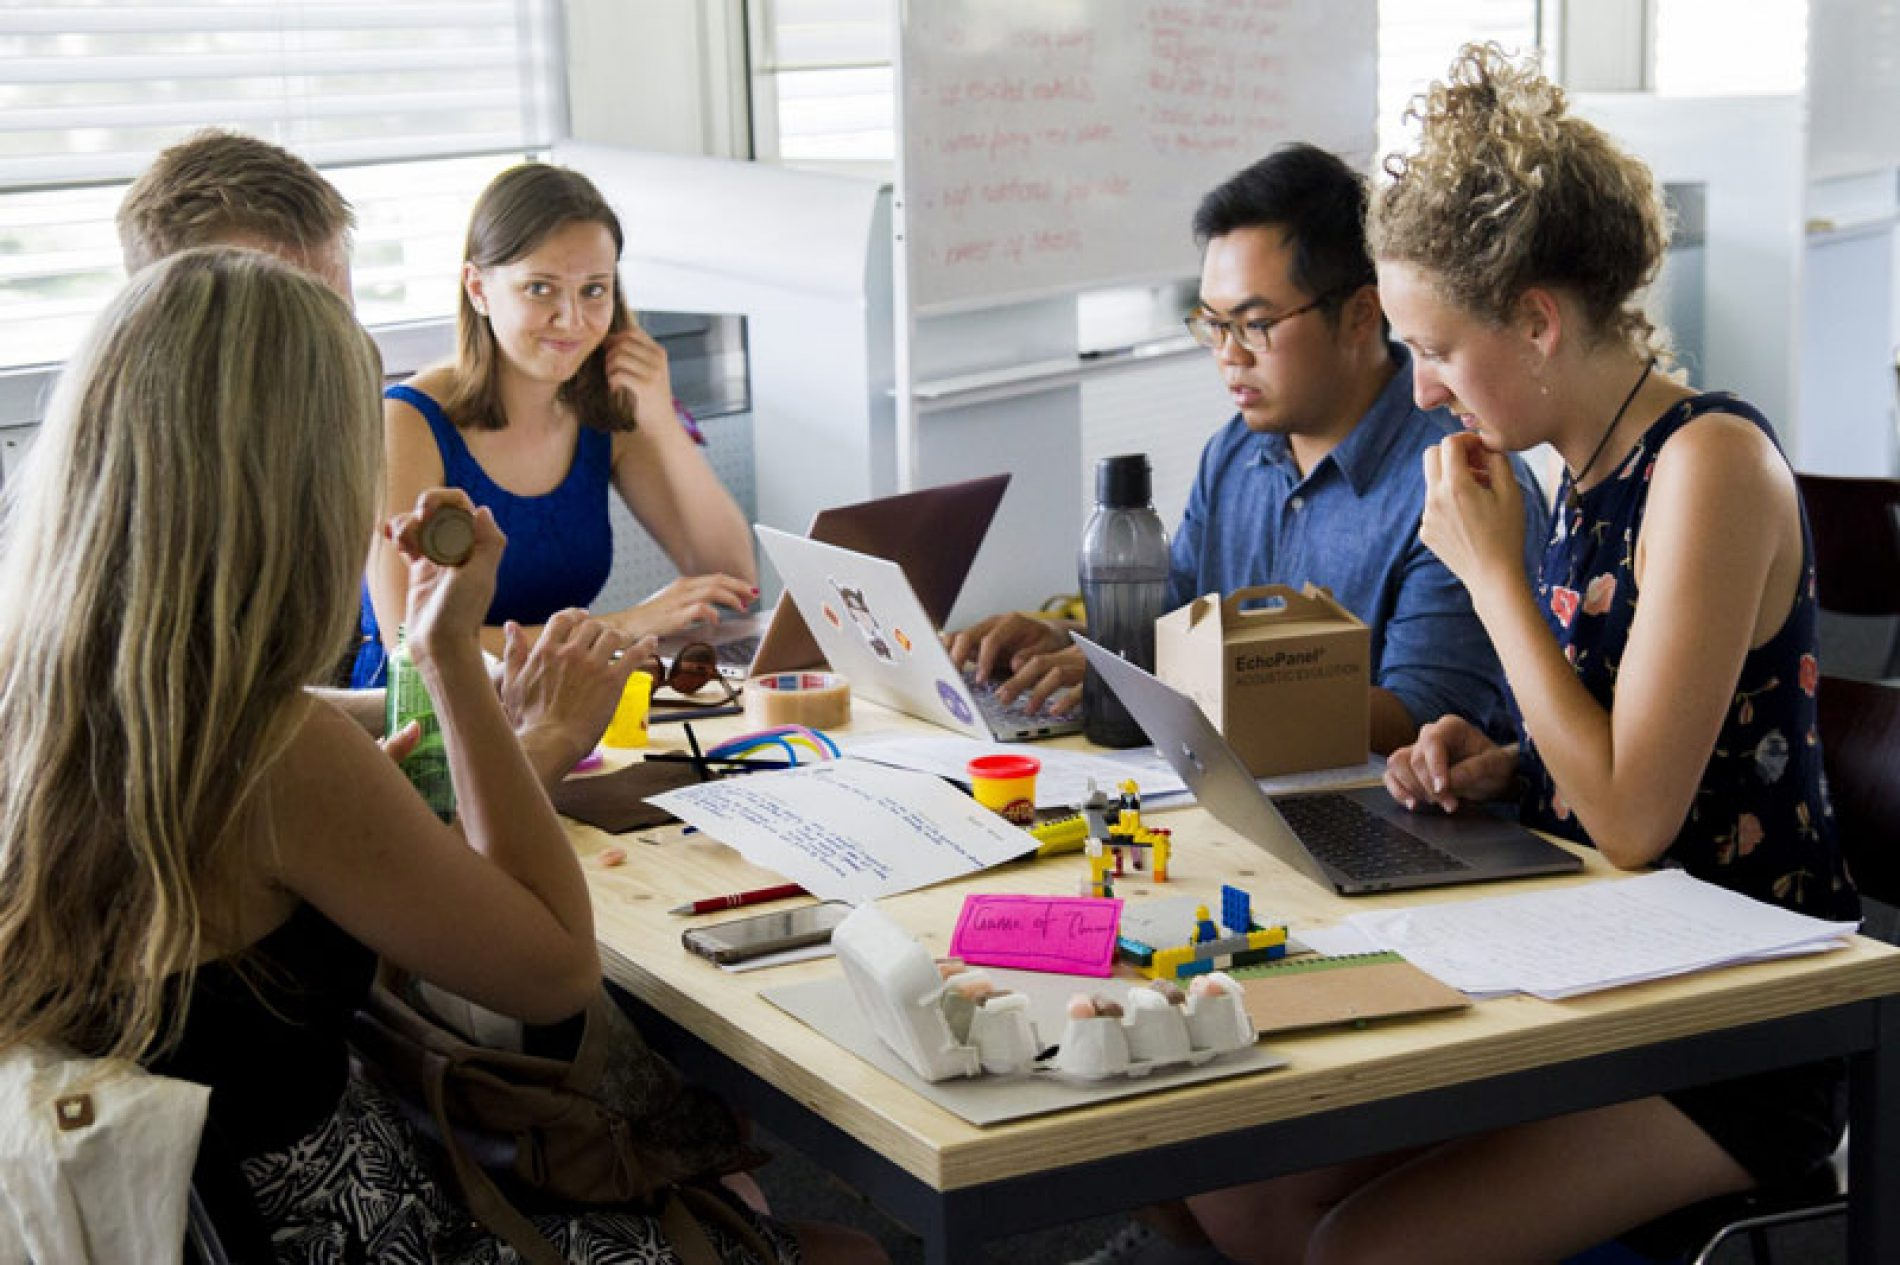 Piano Formazione-Lavoro per ex percettori di ammortizzatori sociali ora privi di sostegno al reddito